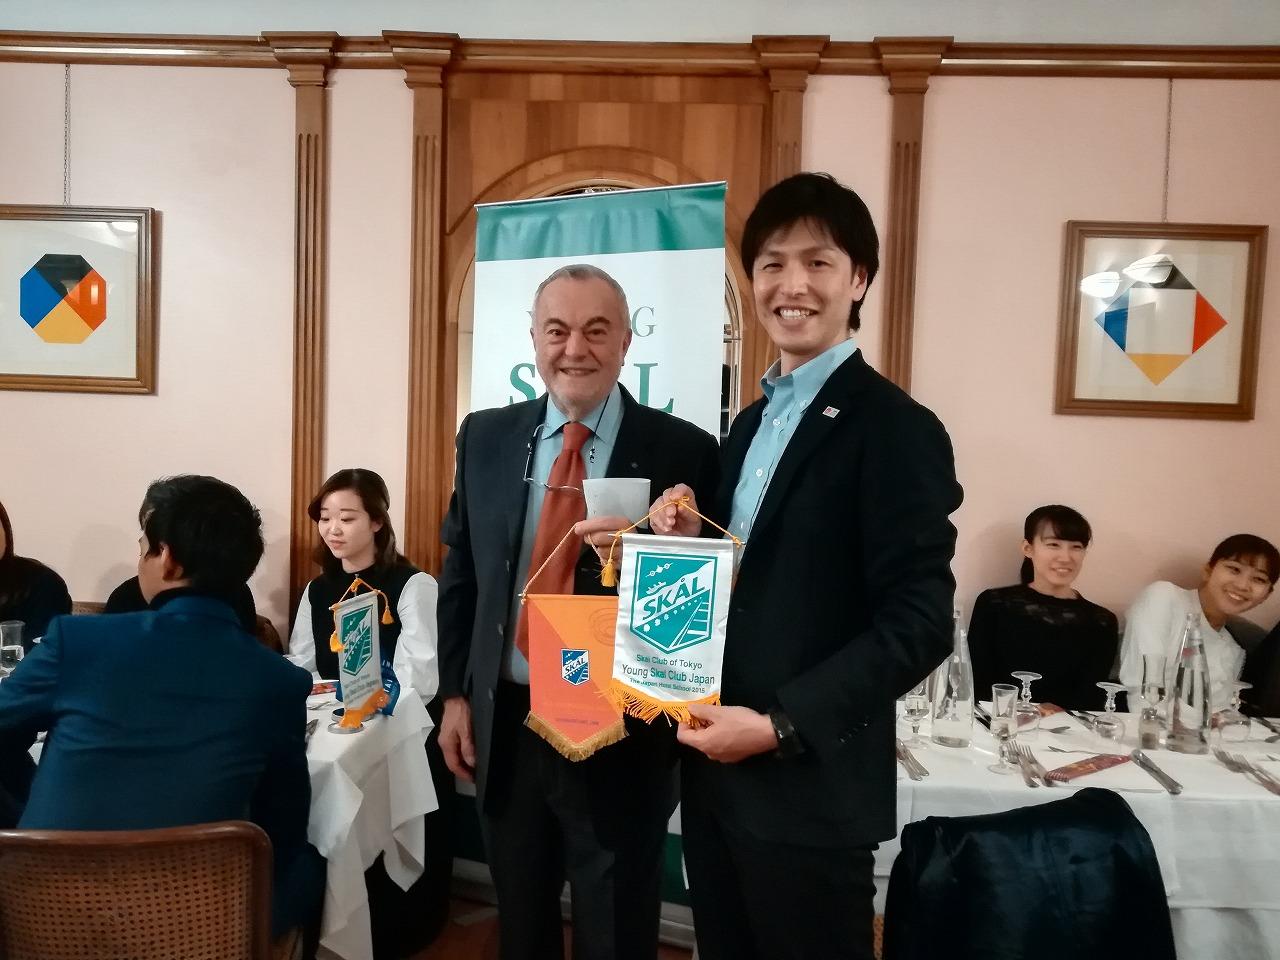 スコールクラブローマとヤングスコールクラブジャパンの旗を交換